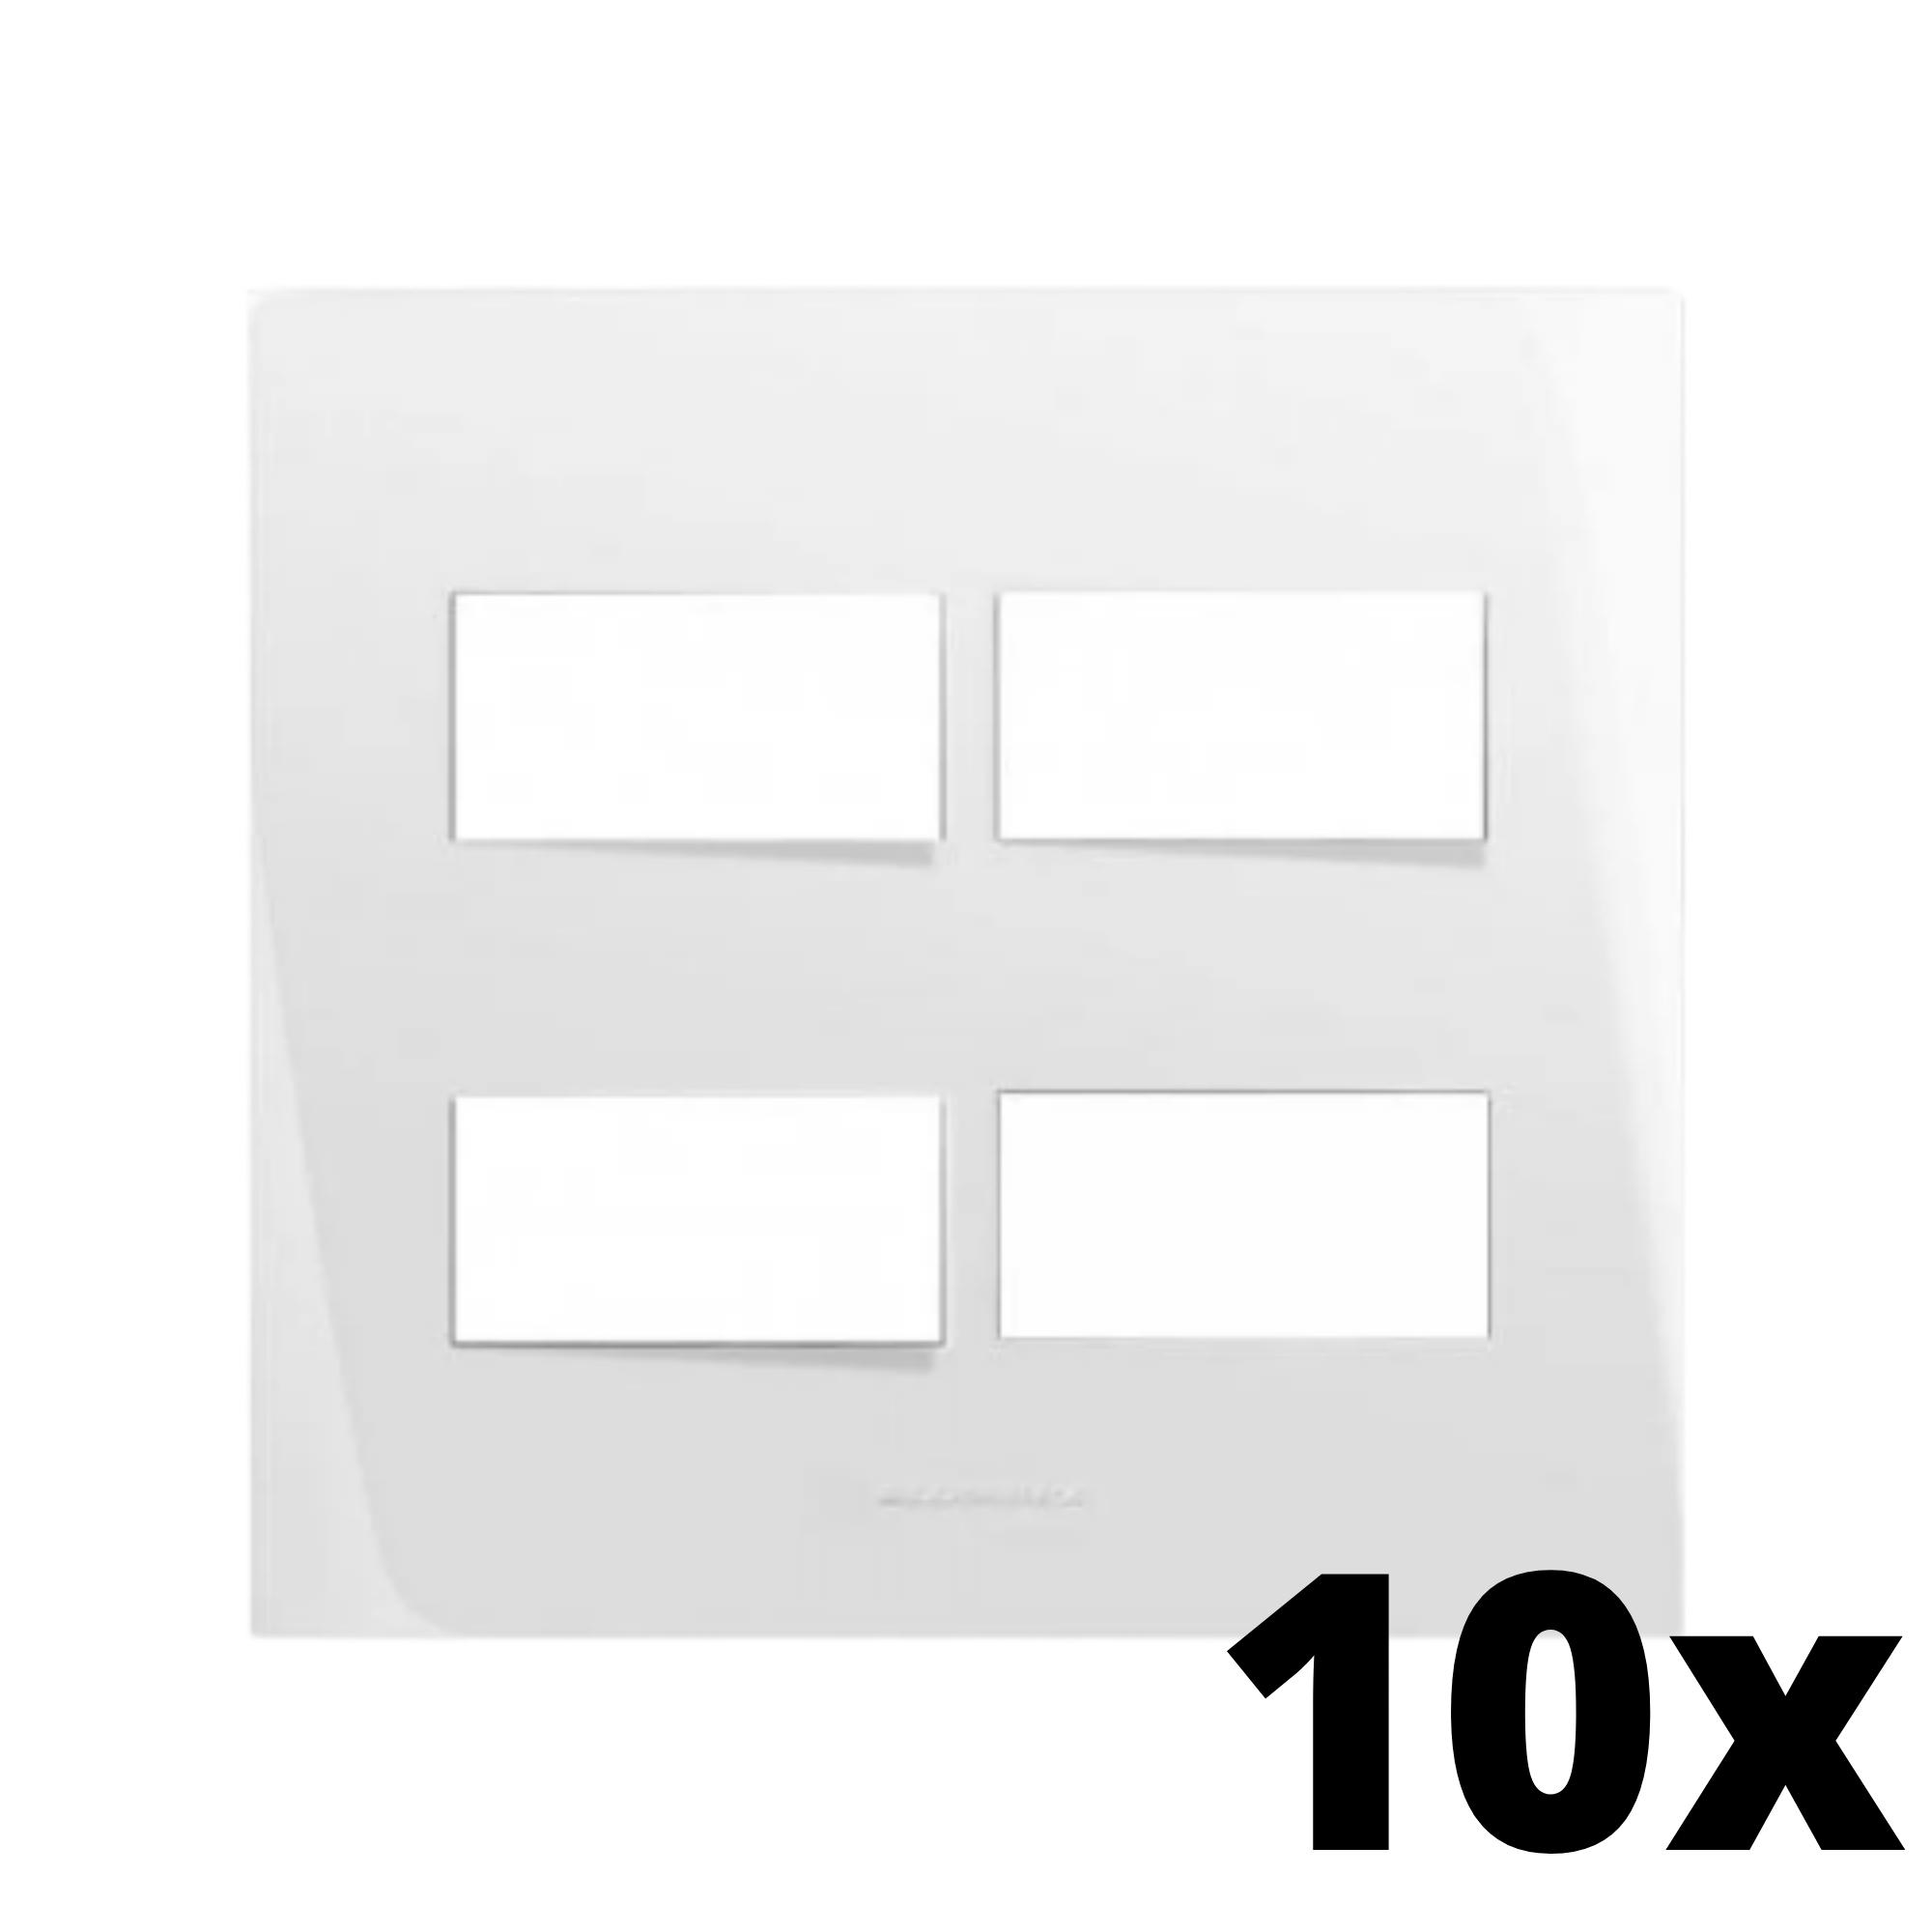 Kit 10 und Inova Pró Placa 4x4 2 Seções + 2 Seções